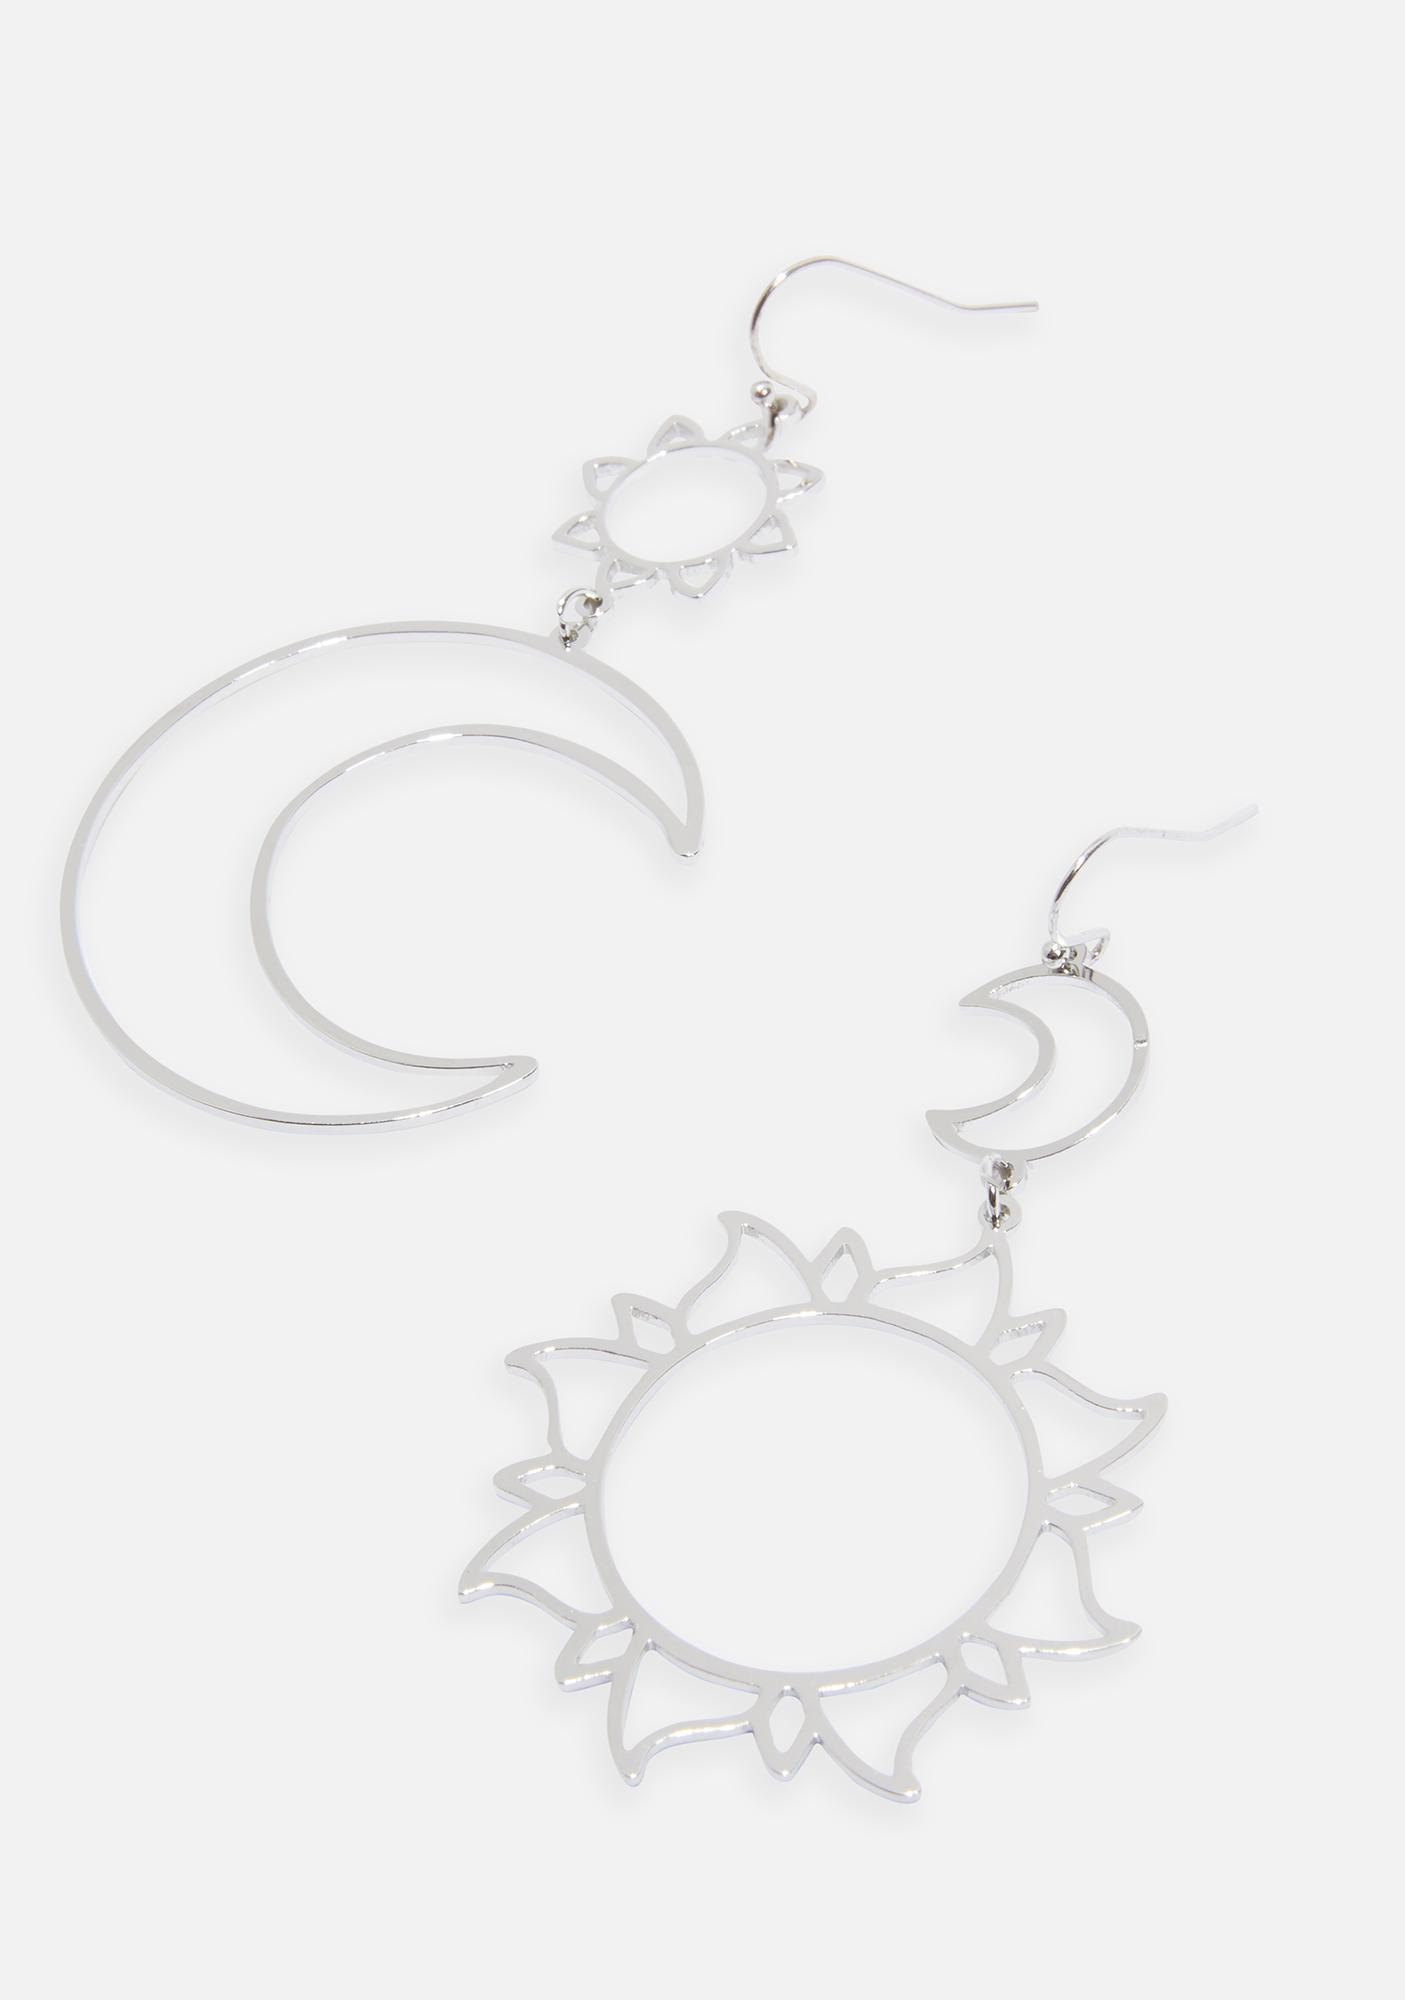 Celestial Bodies Drop Earrings